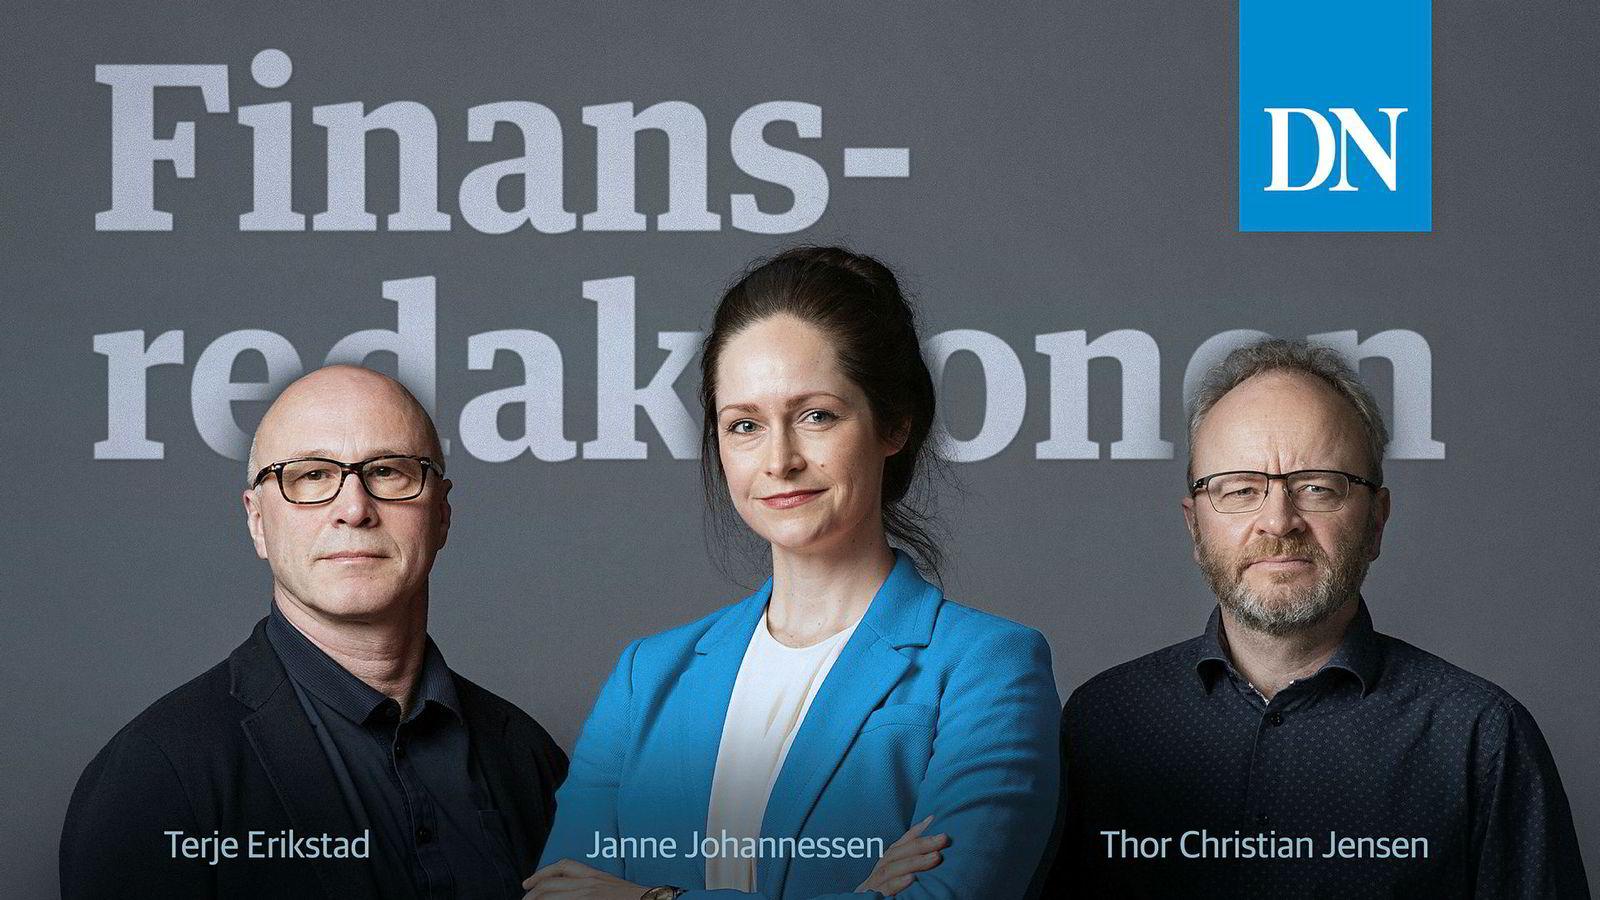 Finansredaksjonen er en ukentlig podkast-serie med Terje Erikstad, Janne Johannessen og Thor Christian Jensen.